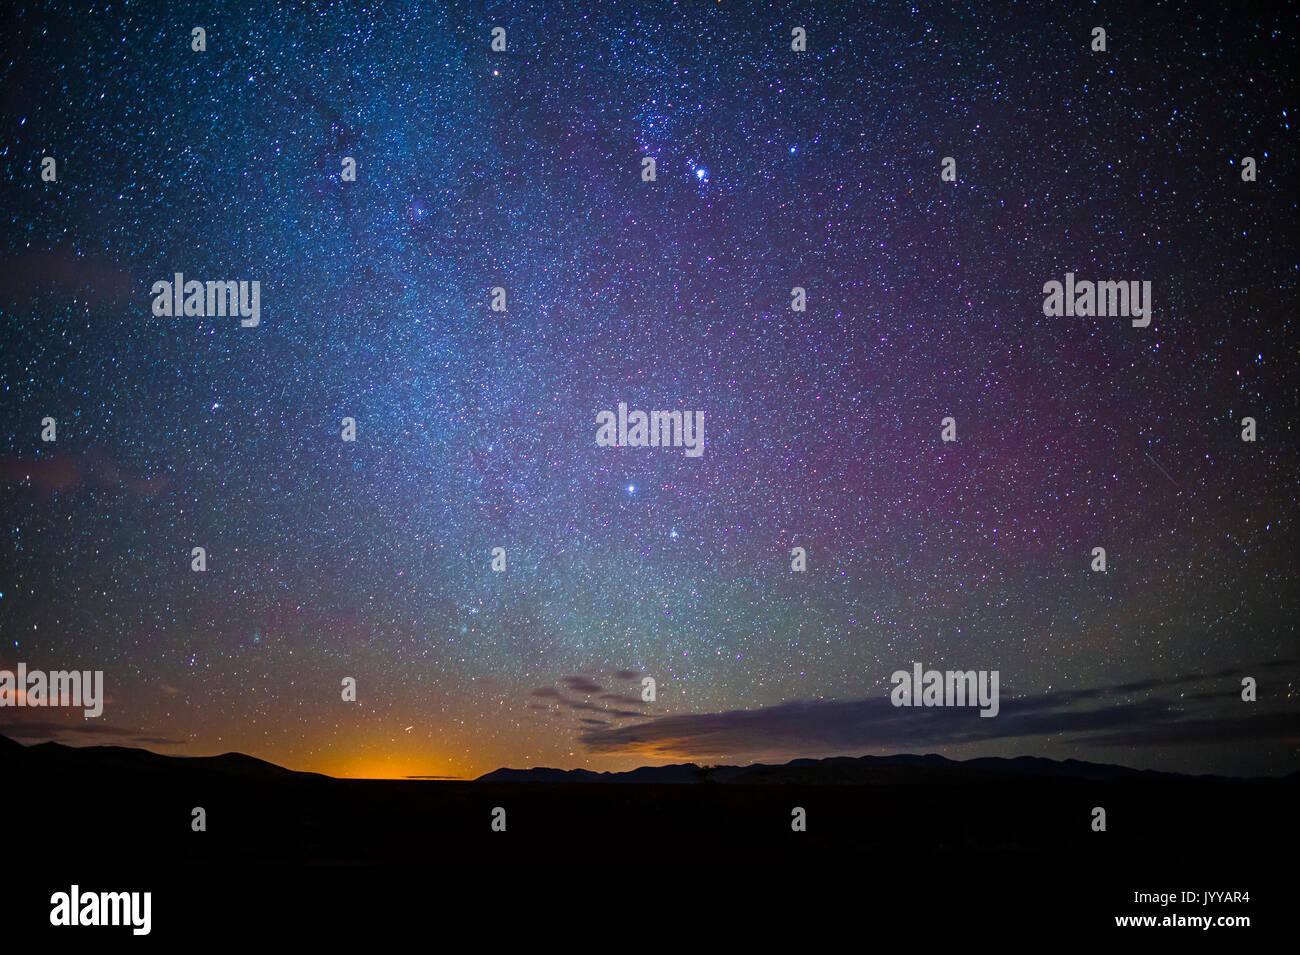 Stars In The Night Sky - Stock Image